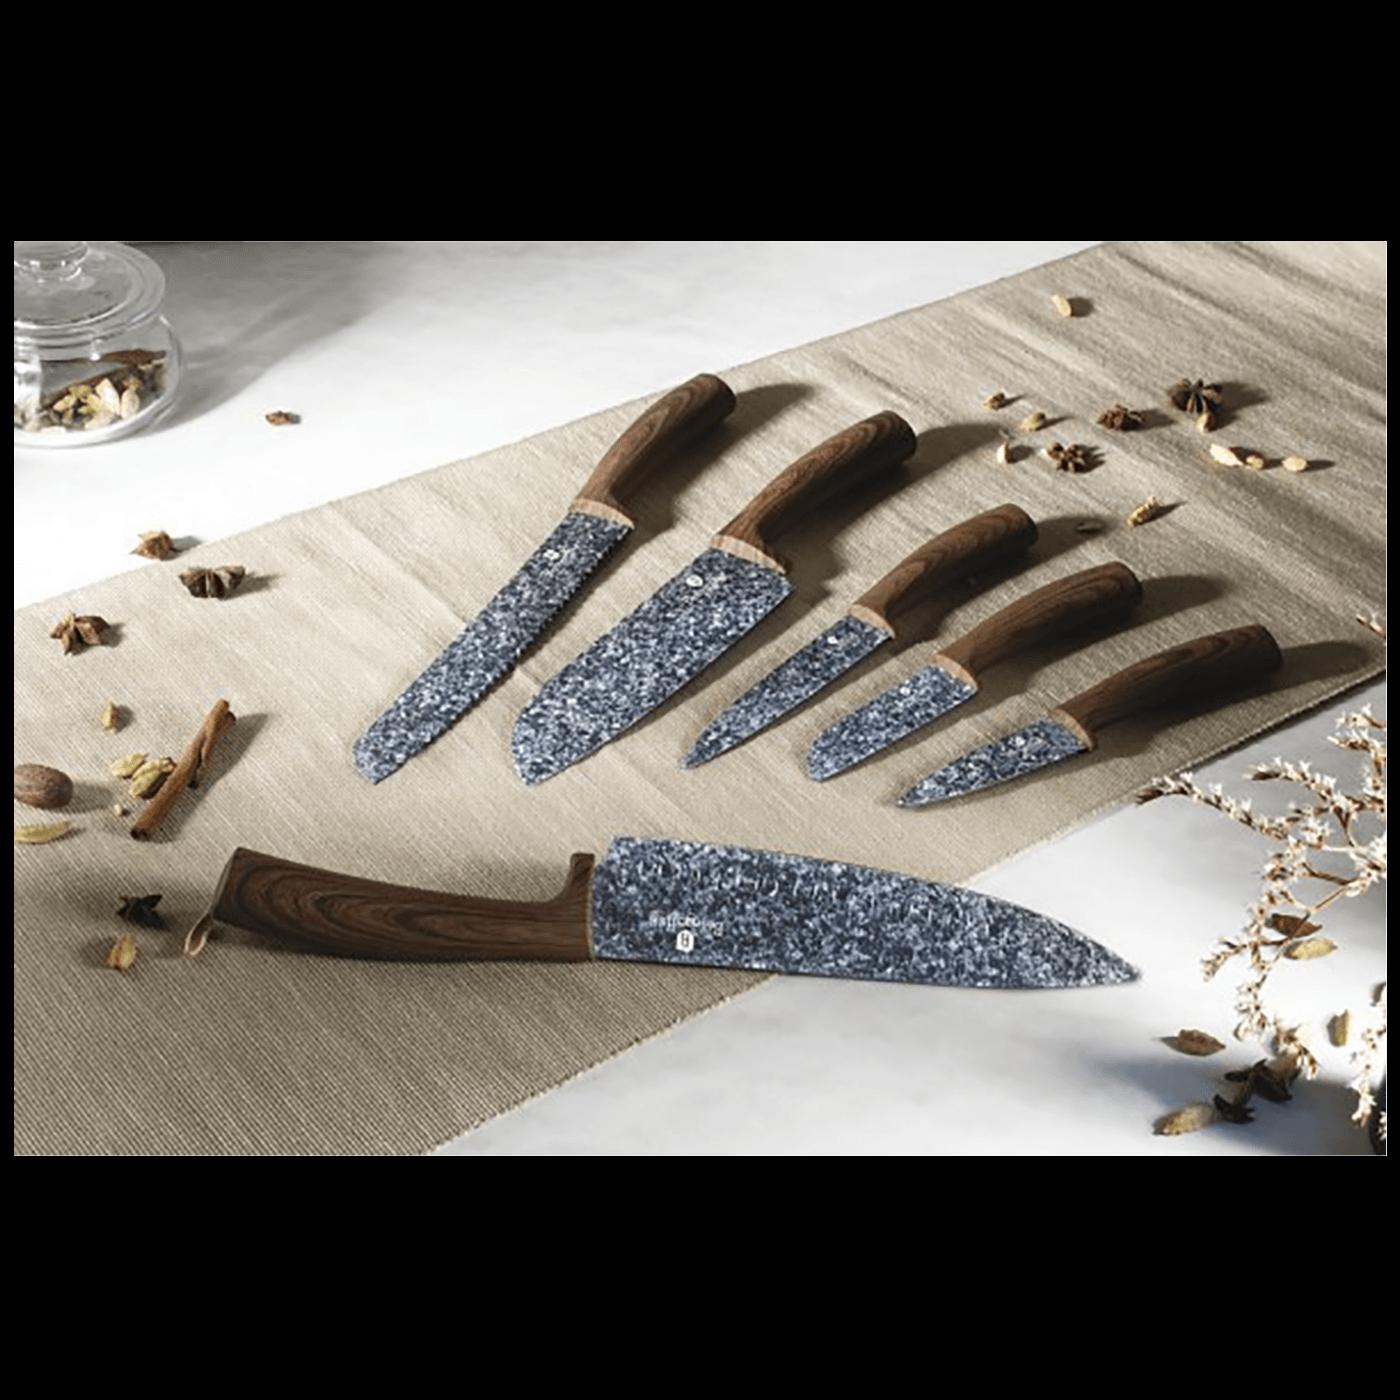 Noževi, set, Forrest Line